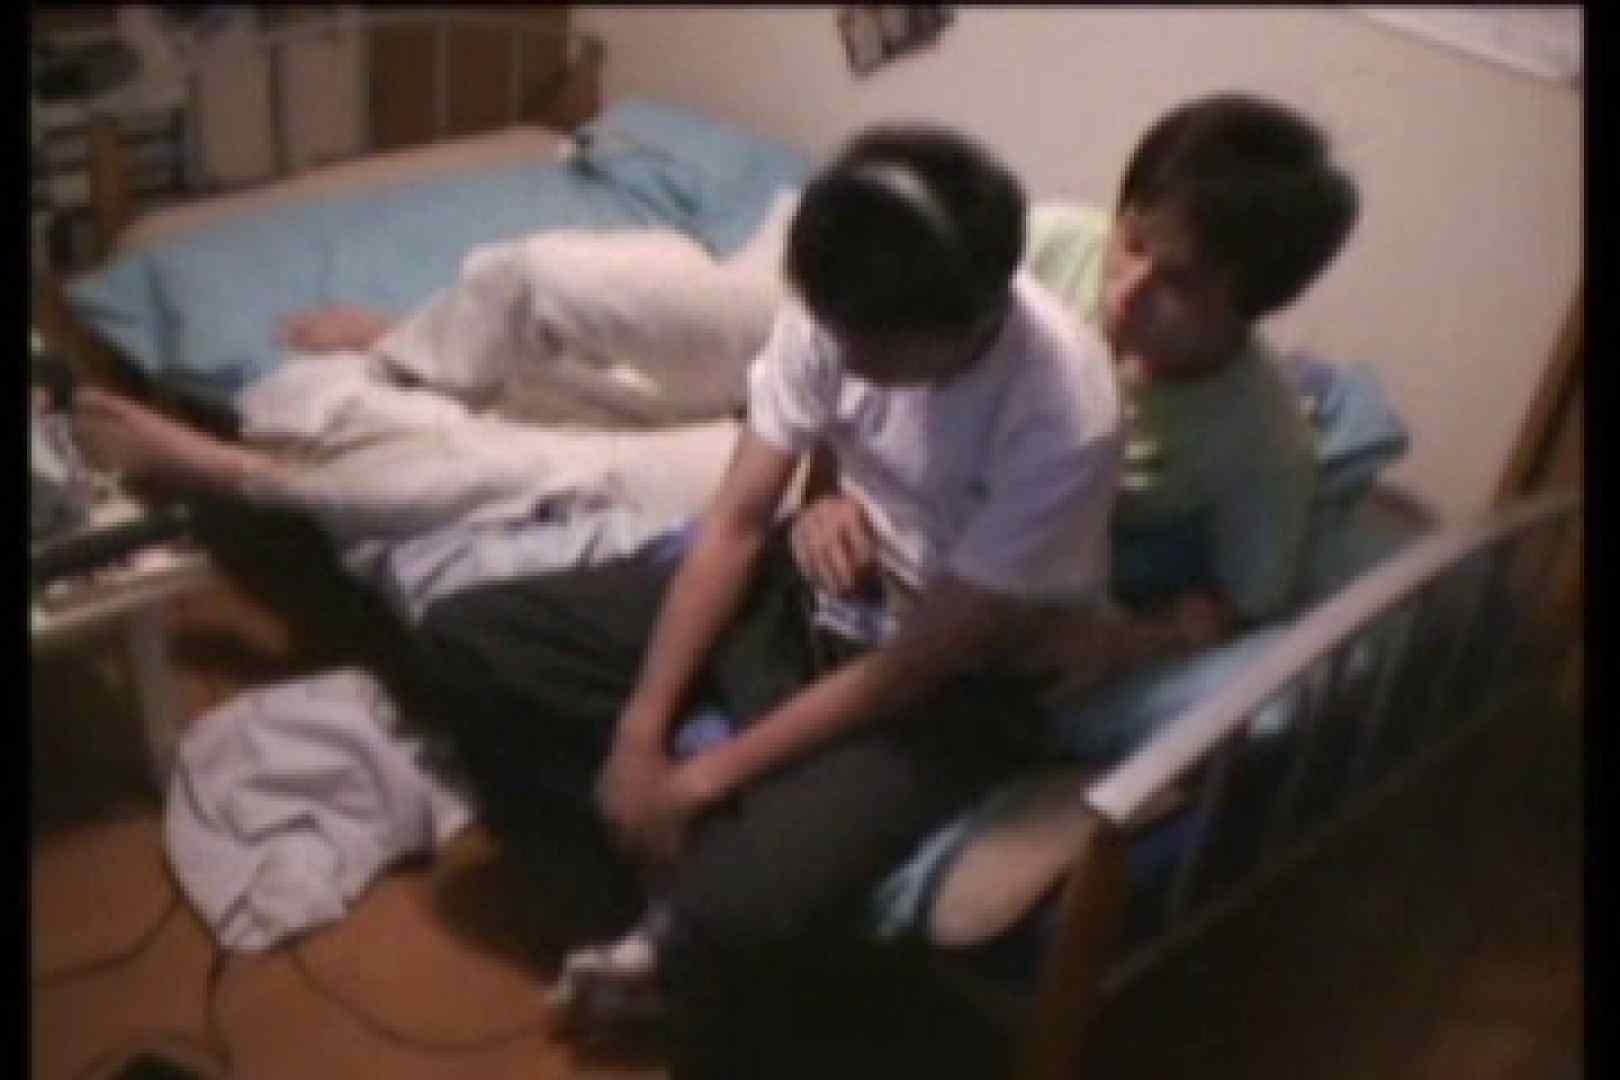 【実録投稿】友達覗撮In my room!! 射精  102pic 43